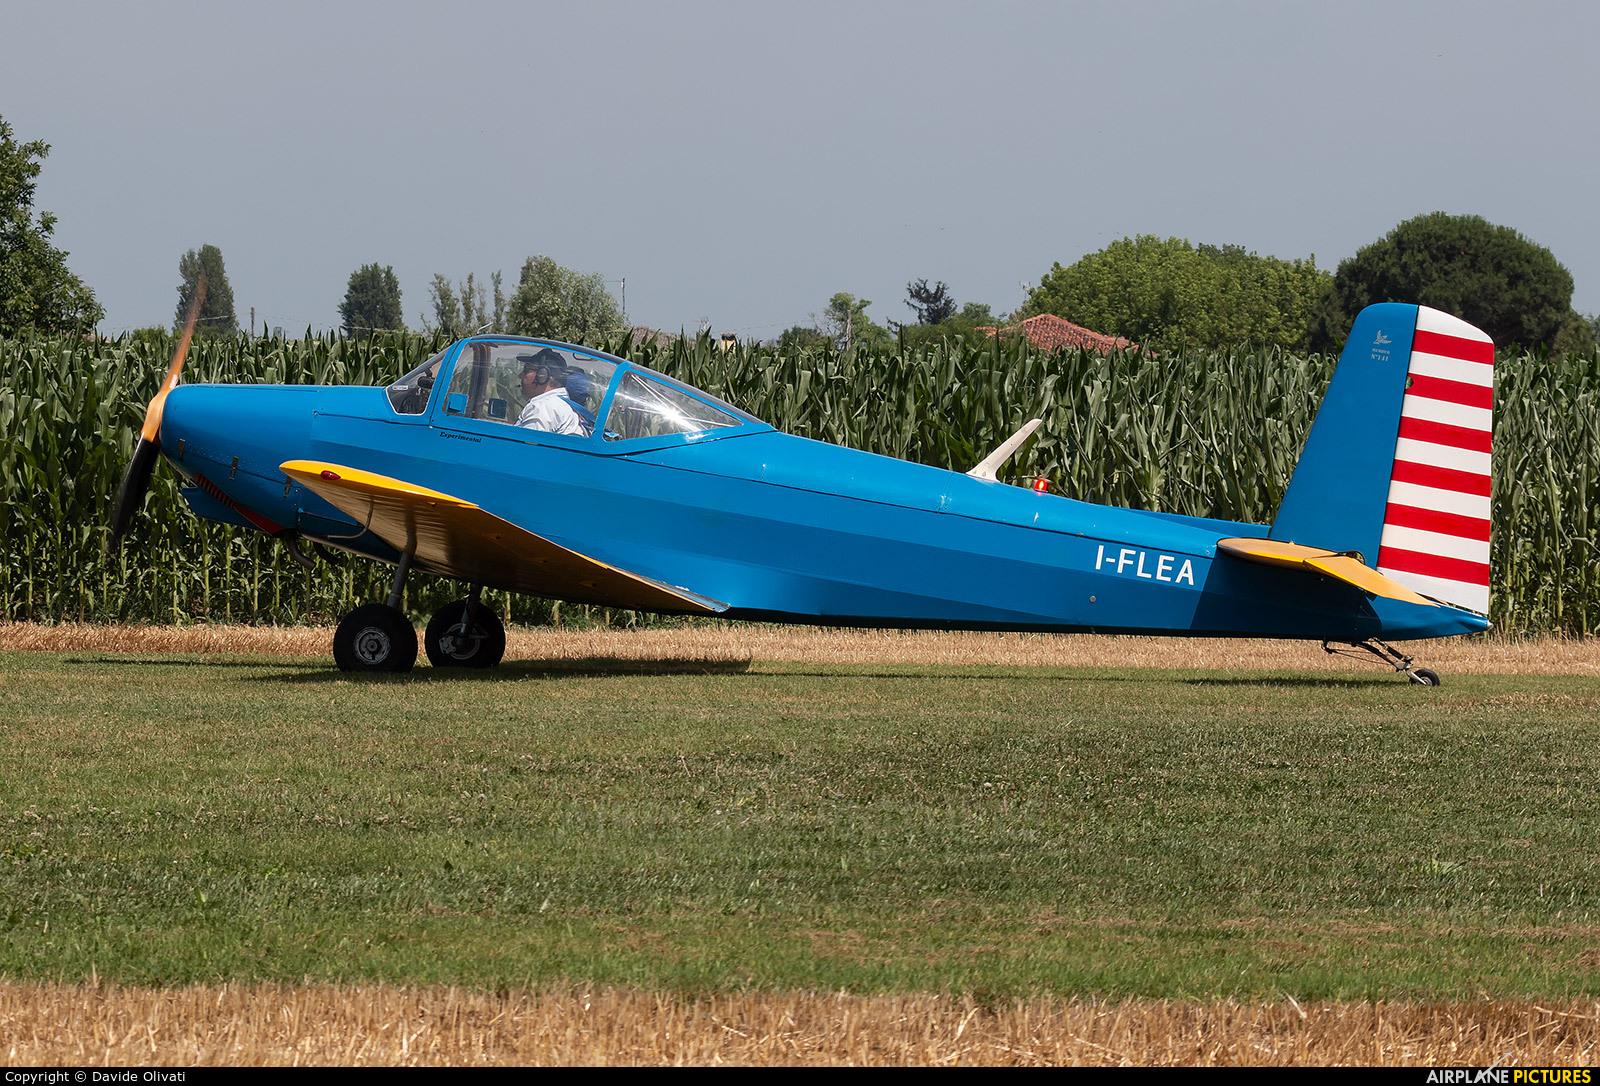 Private I-FLEA aircraft at Bagnoli di Sopra